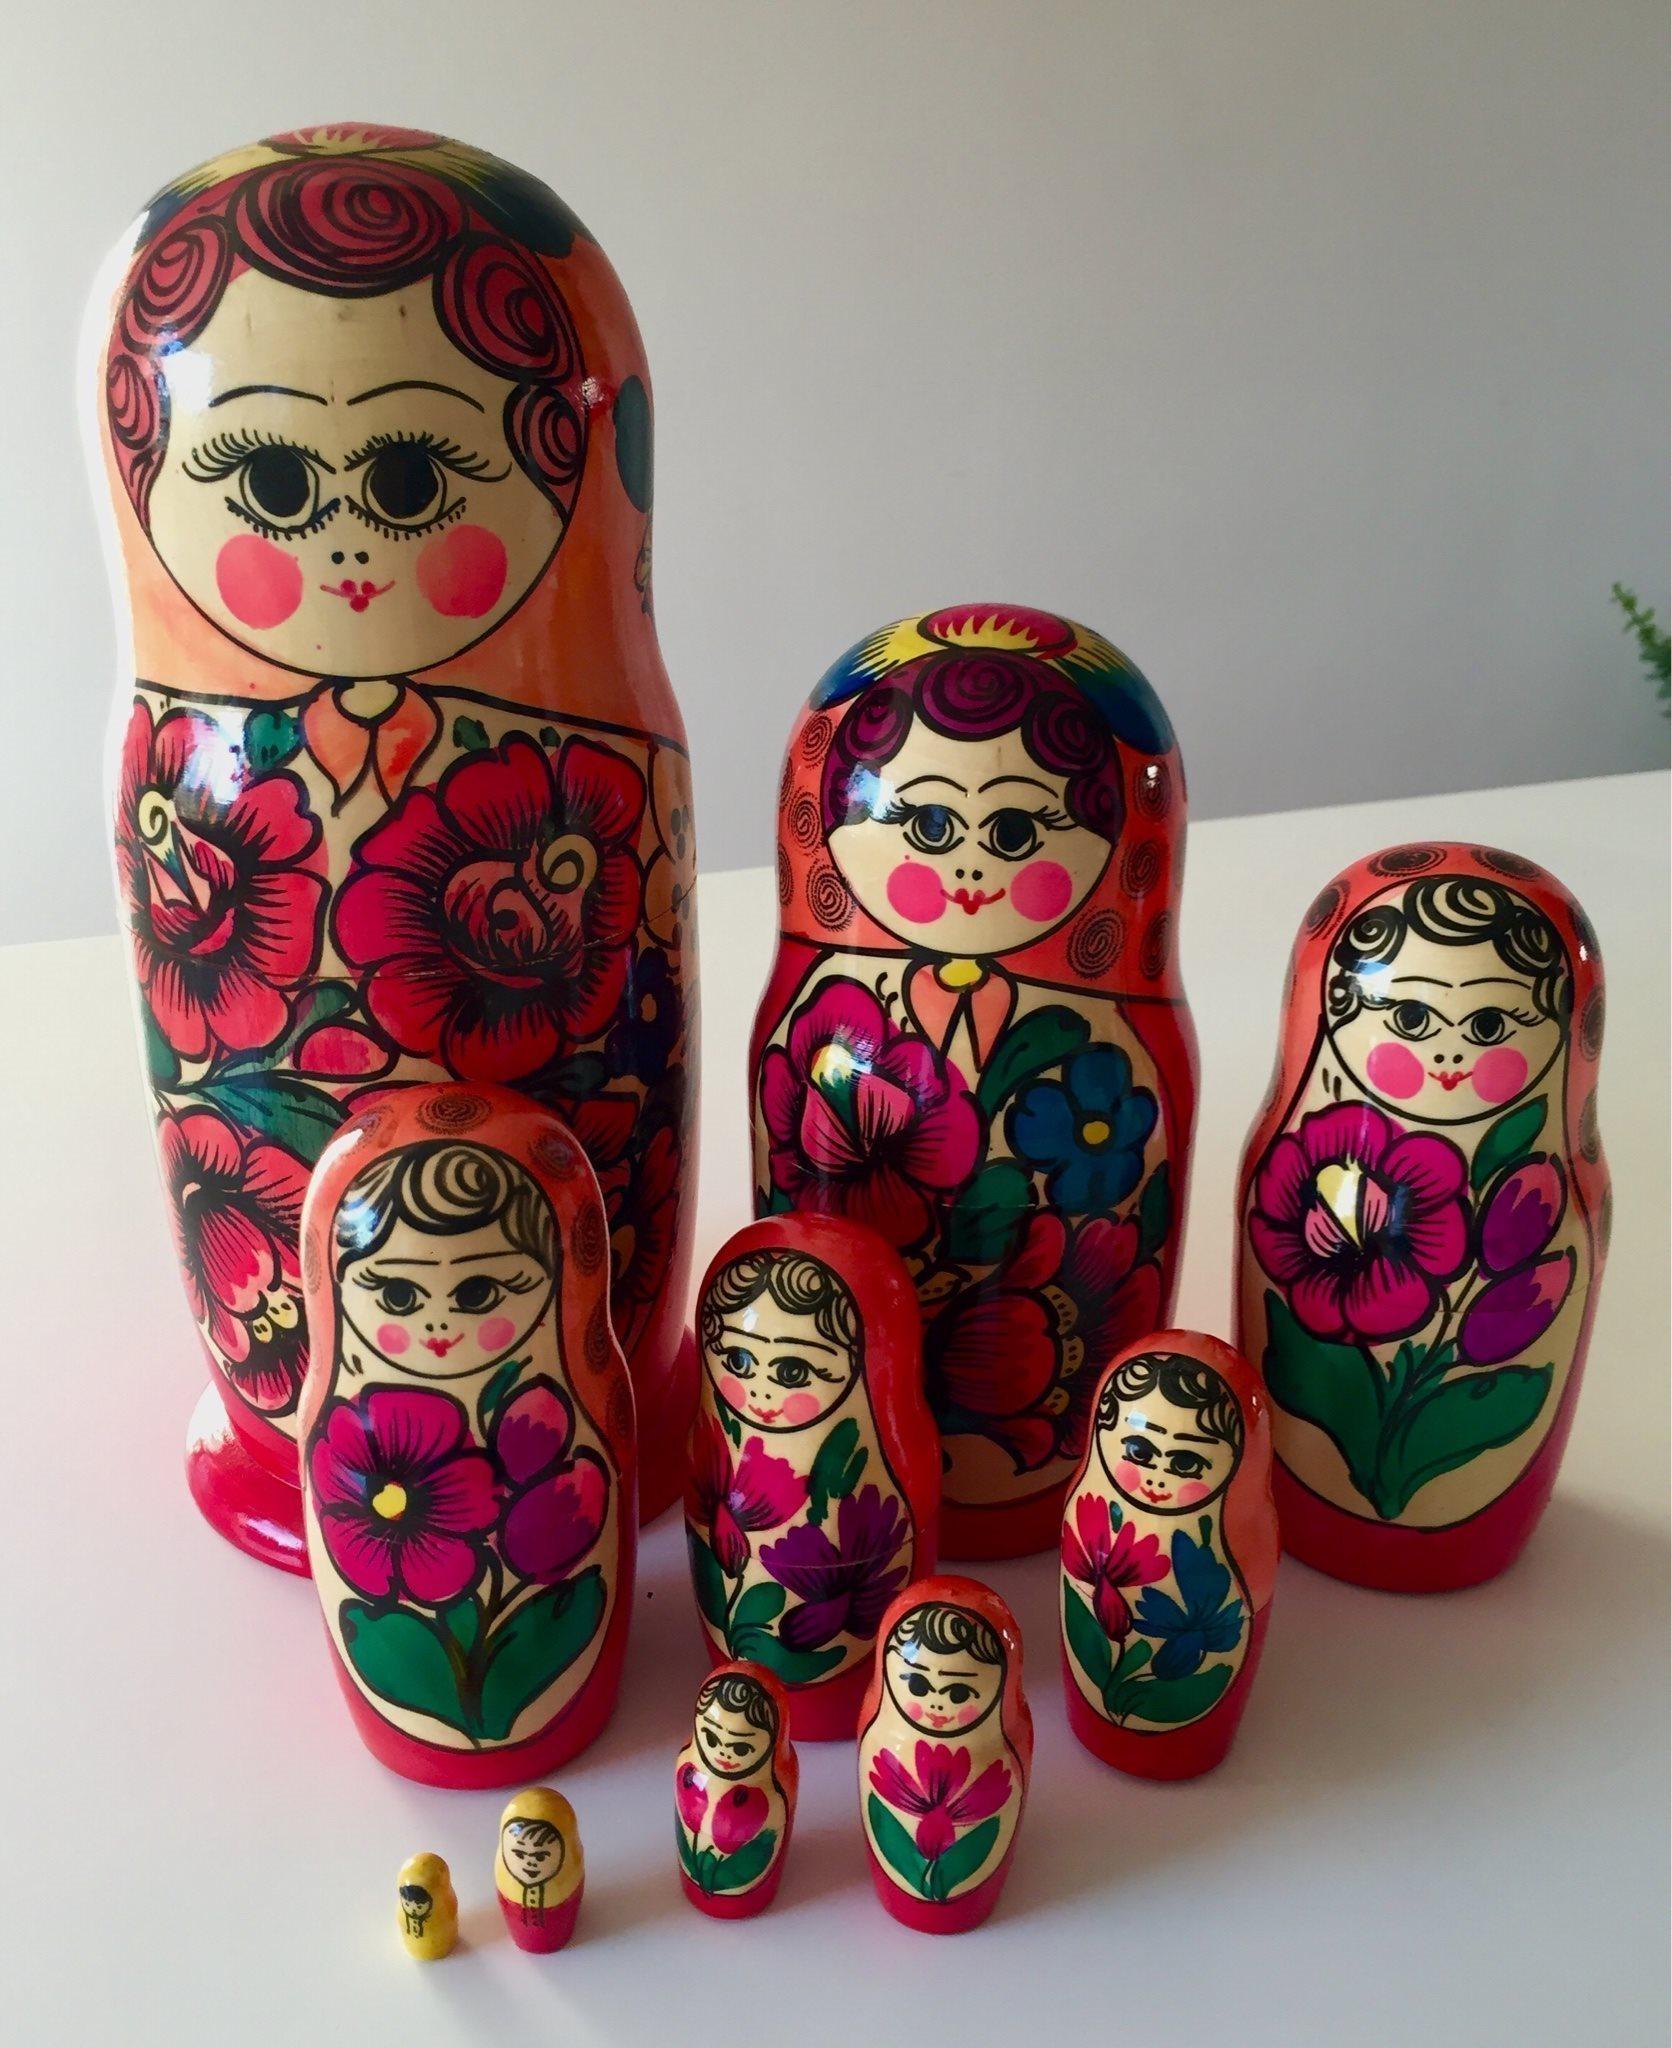 ryska dockor på svenska